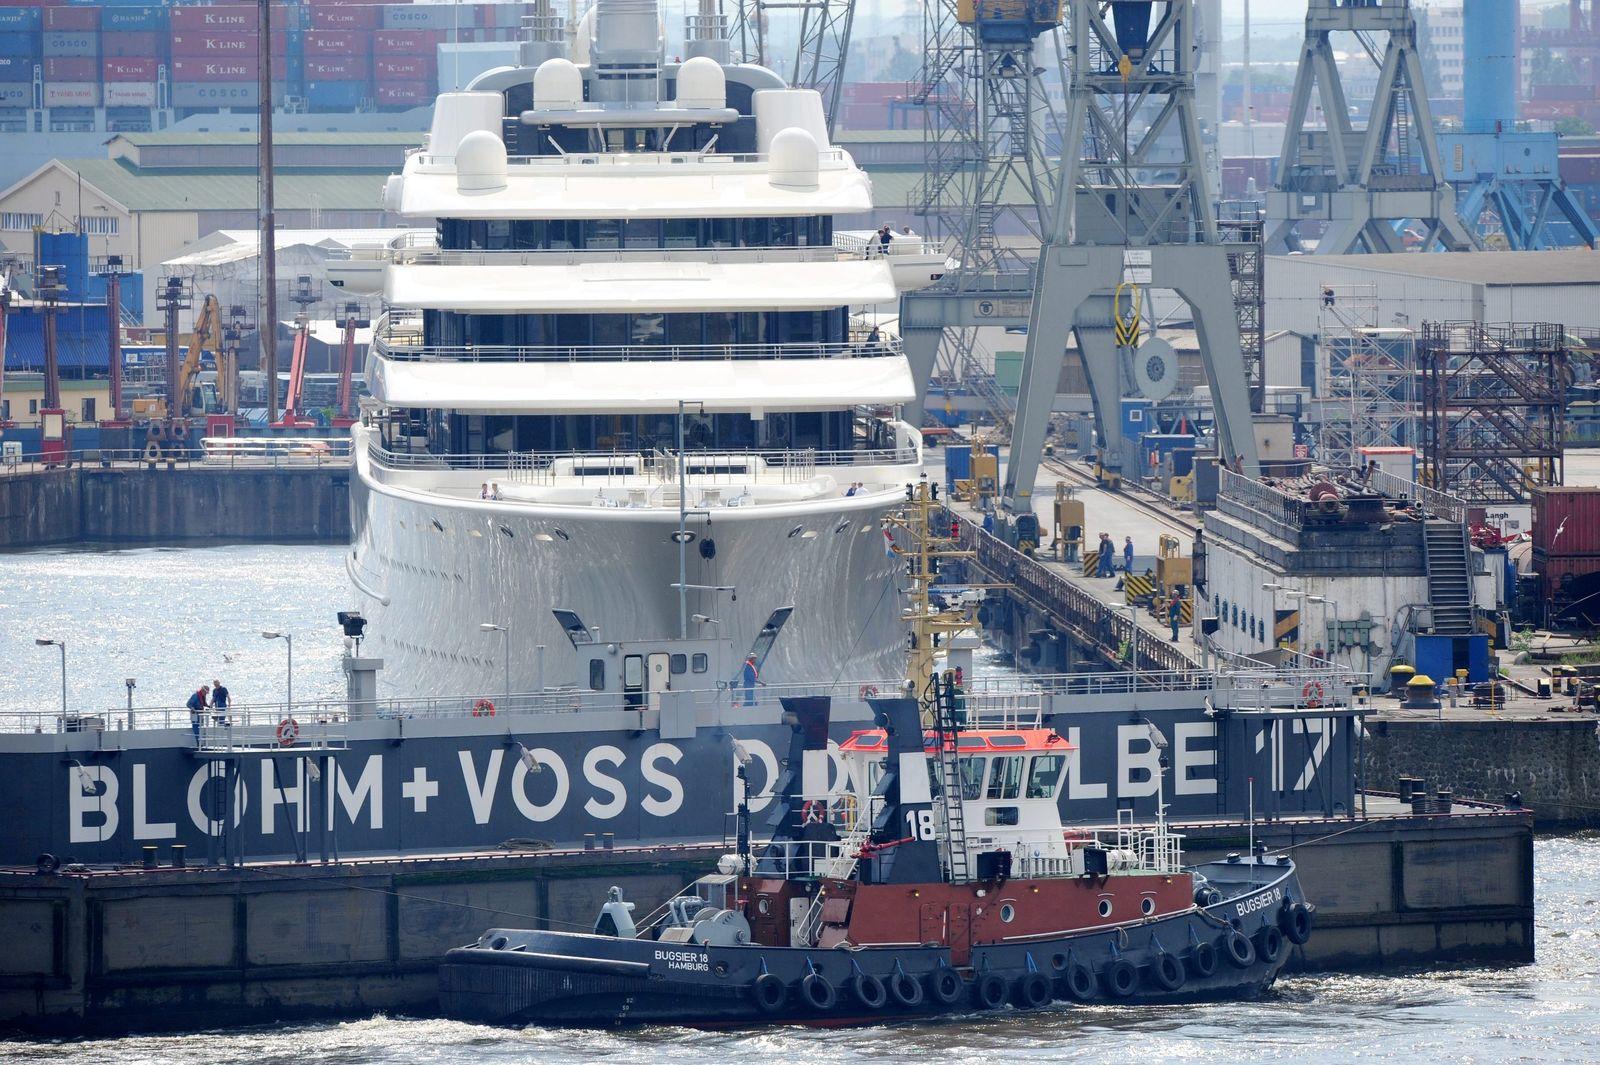 Verkauf von Blohm + Voss an Abu Dhabi Mar geplatzt